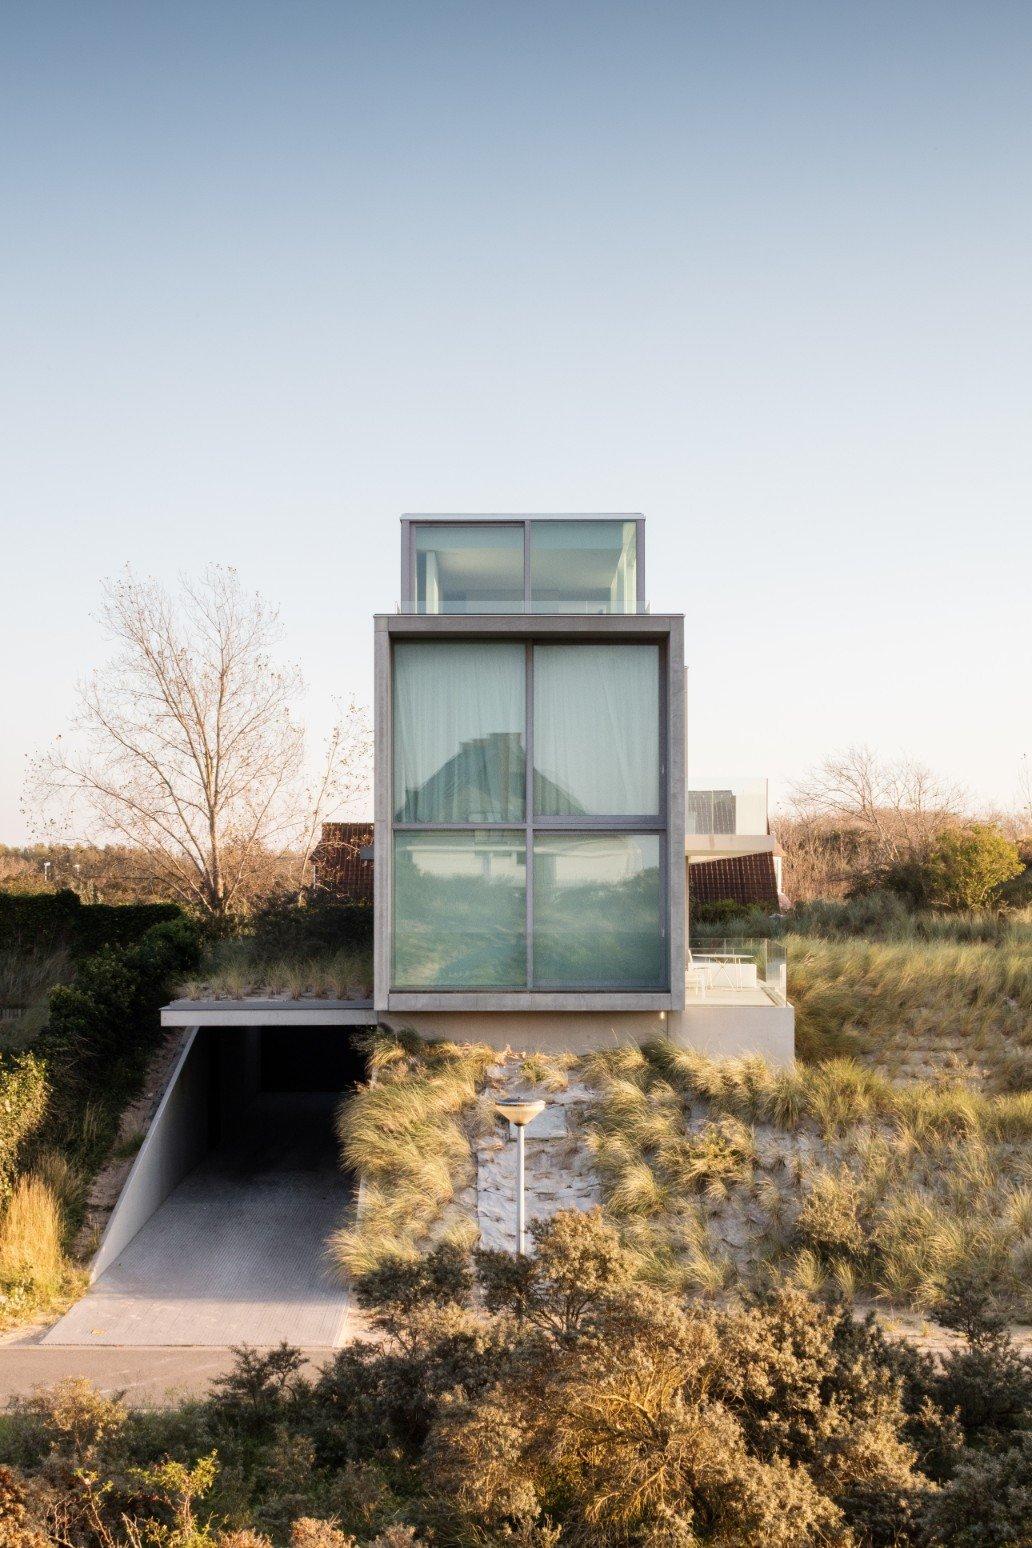 Rietveldprojects-saarinen-appartement-design-architectuur-kust-tvdv18